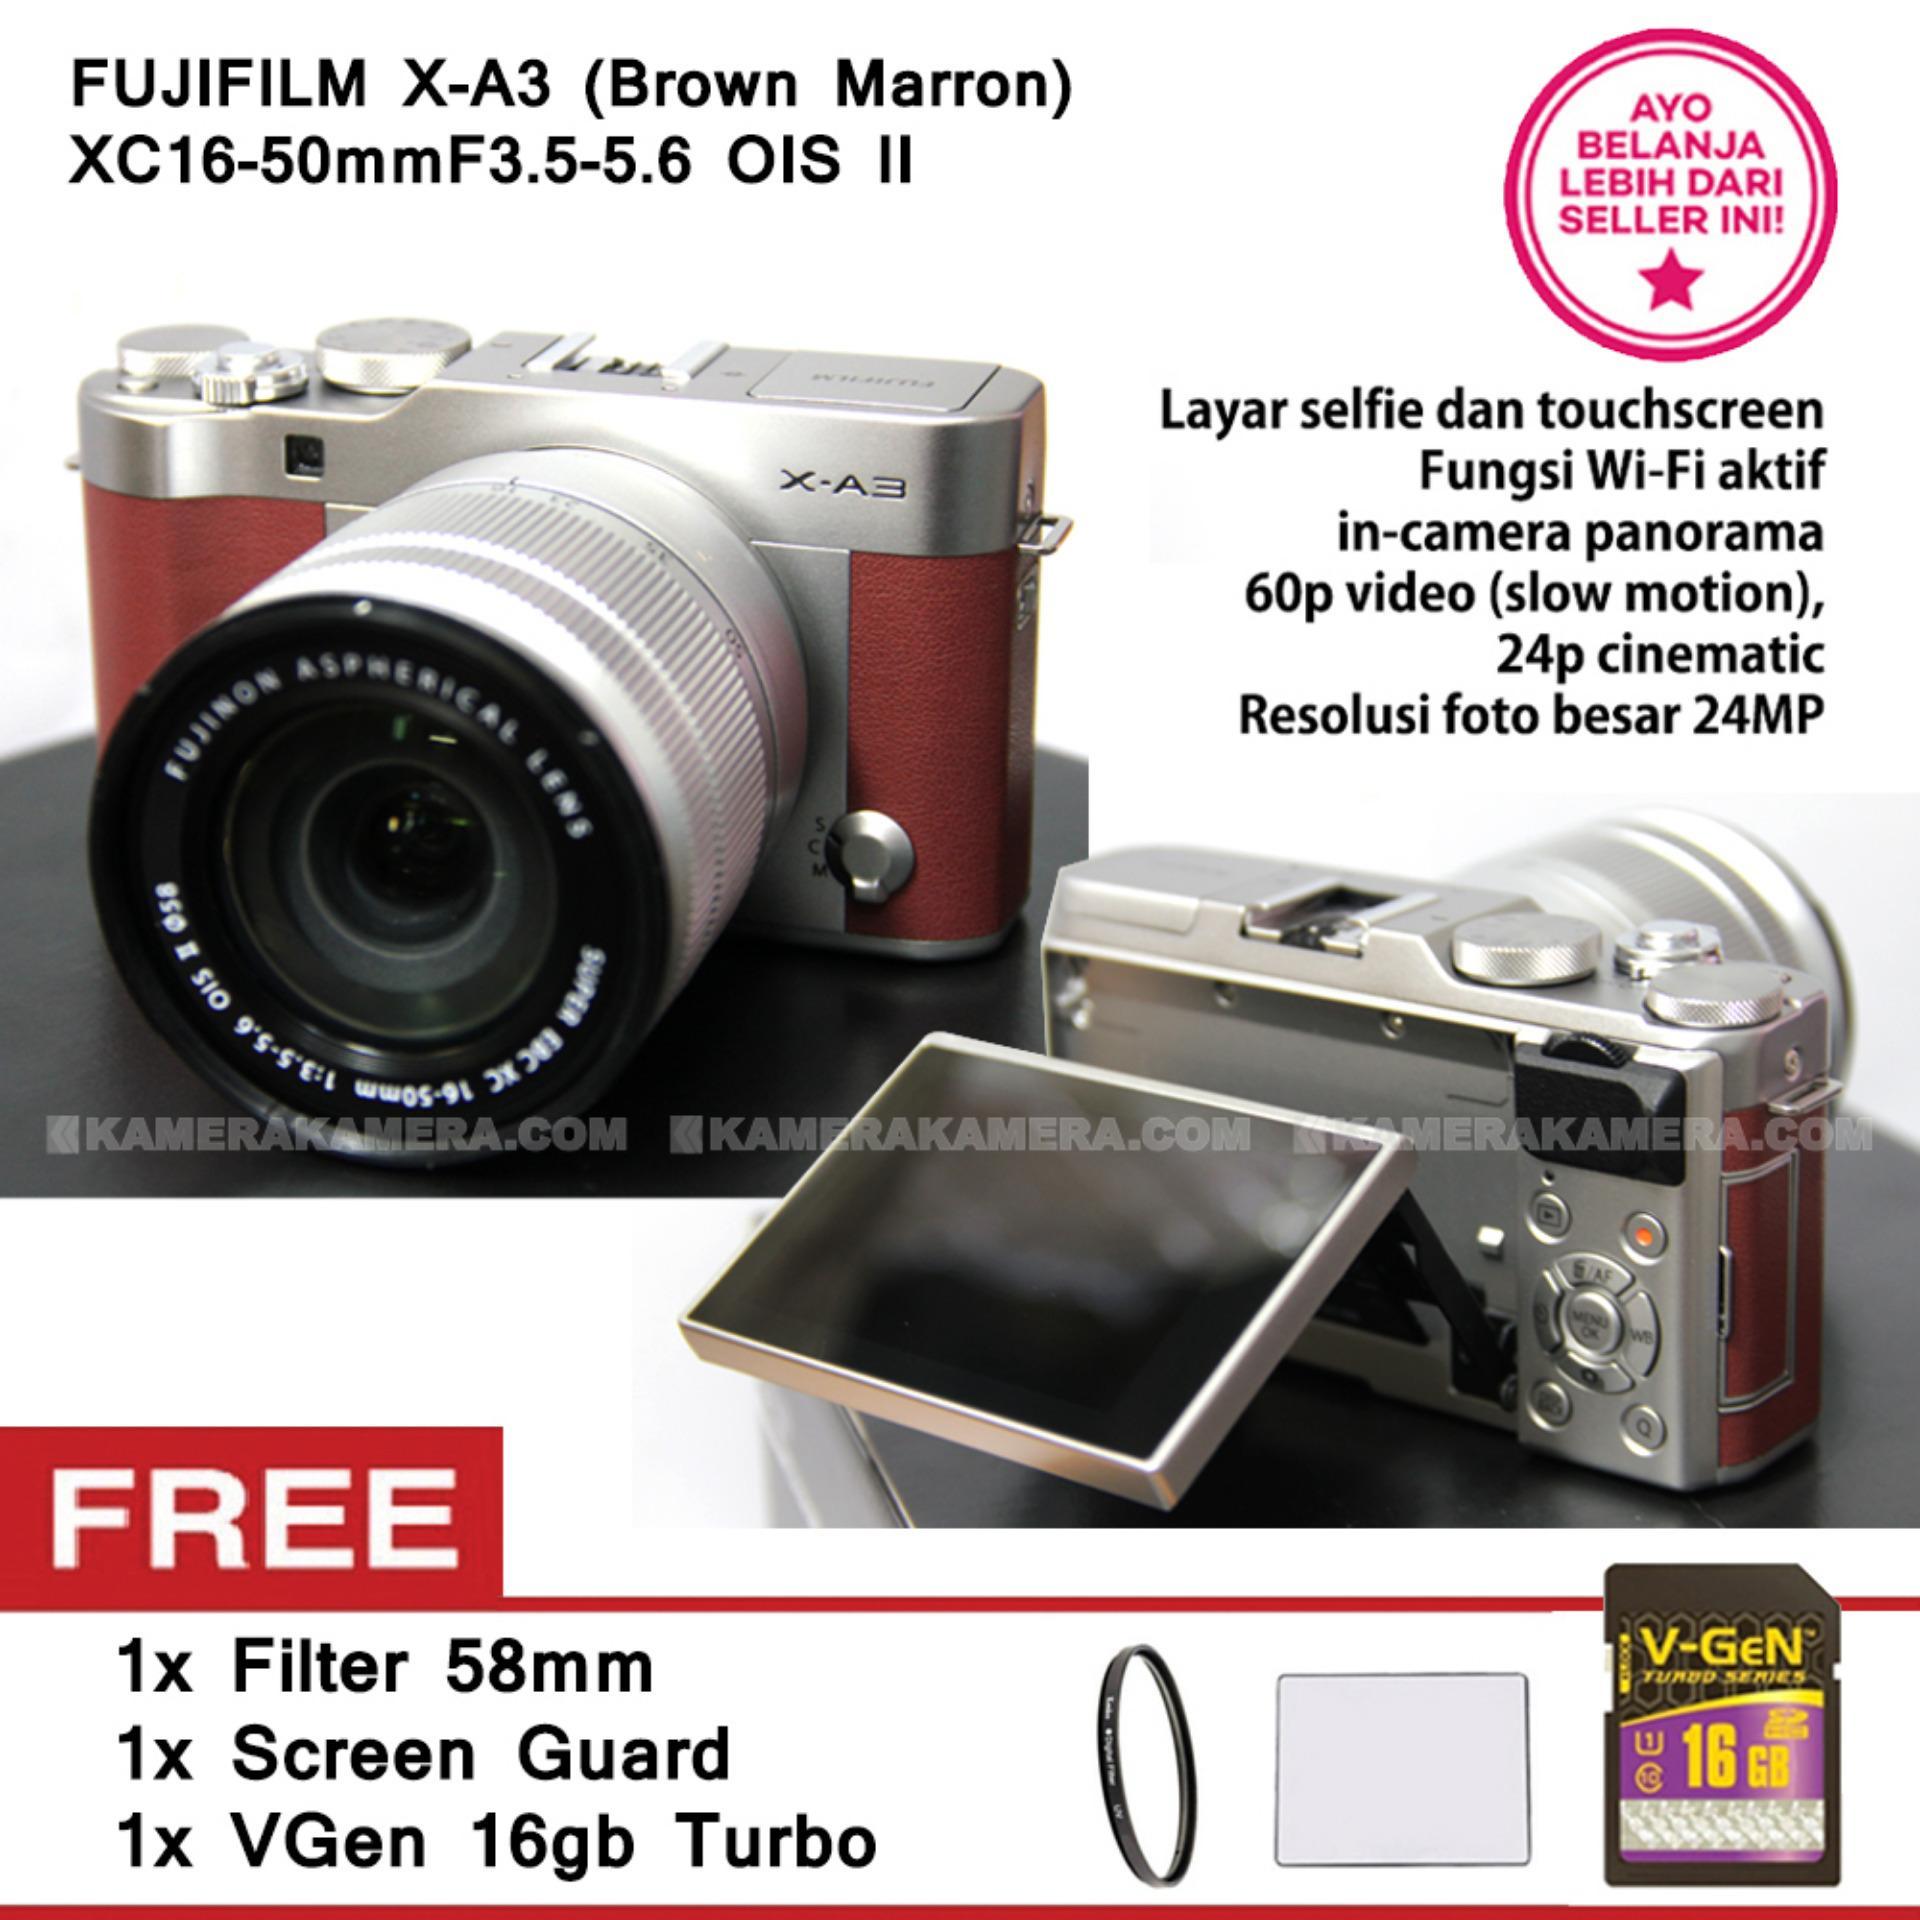 Sony Alpha A6000l Kit 16 50mm Lens Kamera Mirrorless 243 Mp A6000 Putih 7599000 Idr